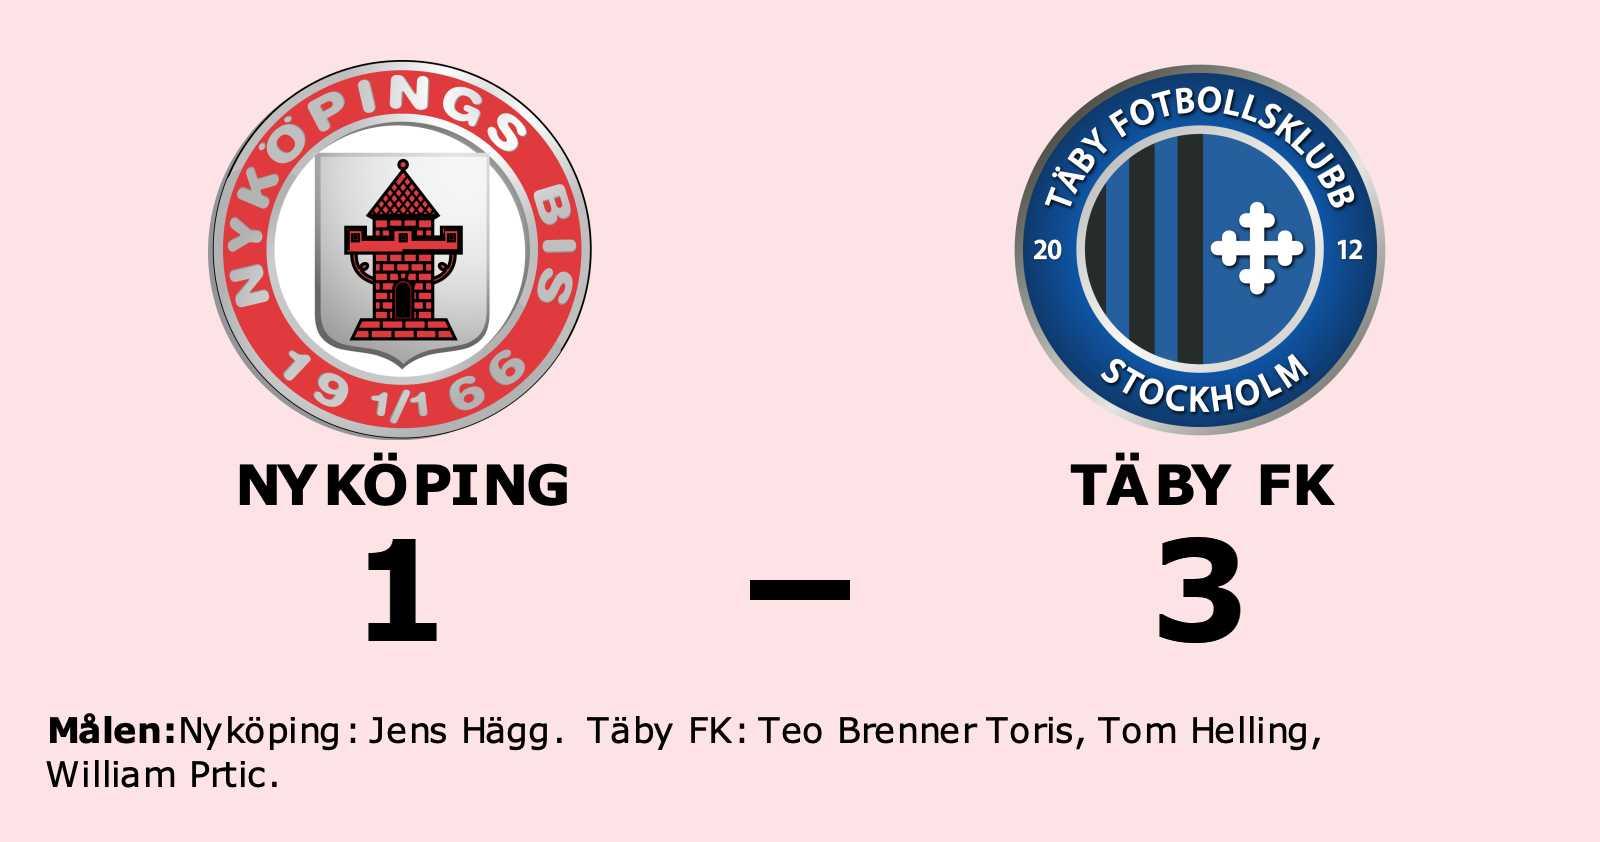 Täby FK segrade mot Nyköping på bortaplan